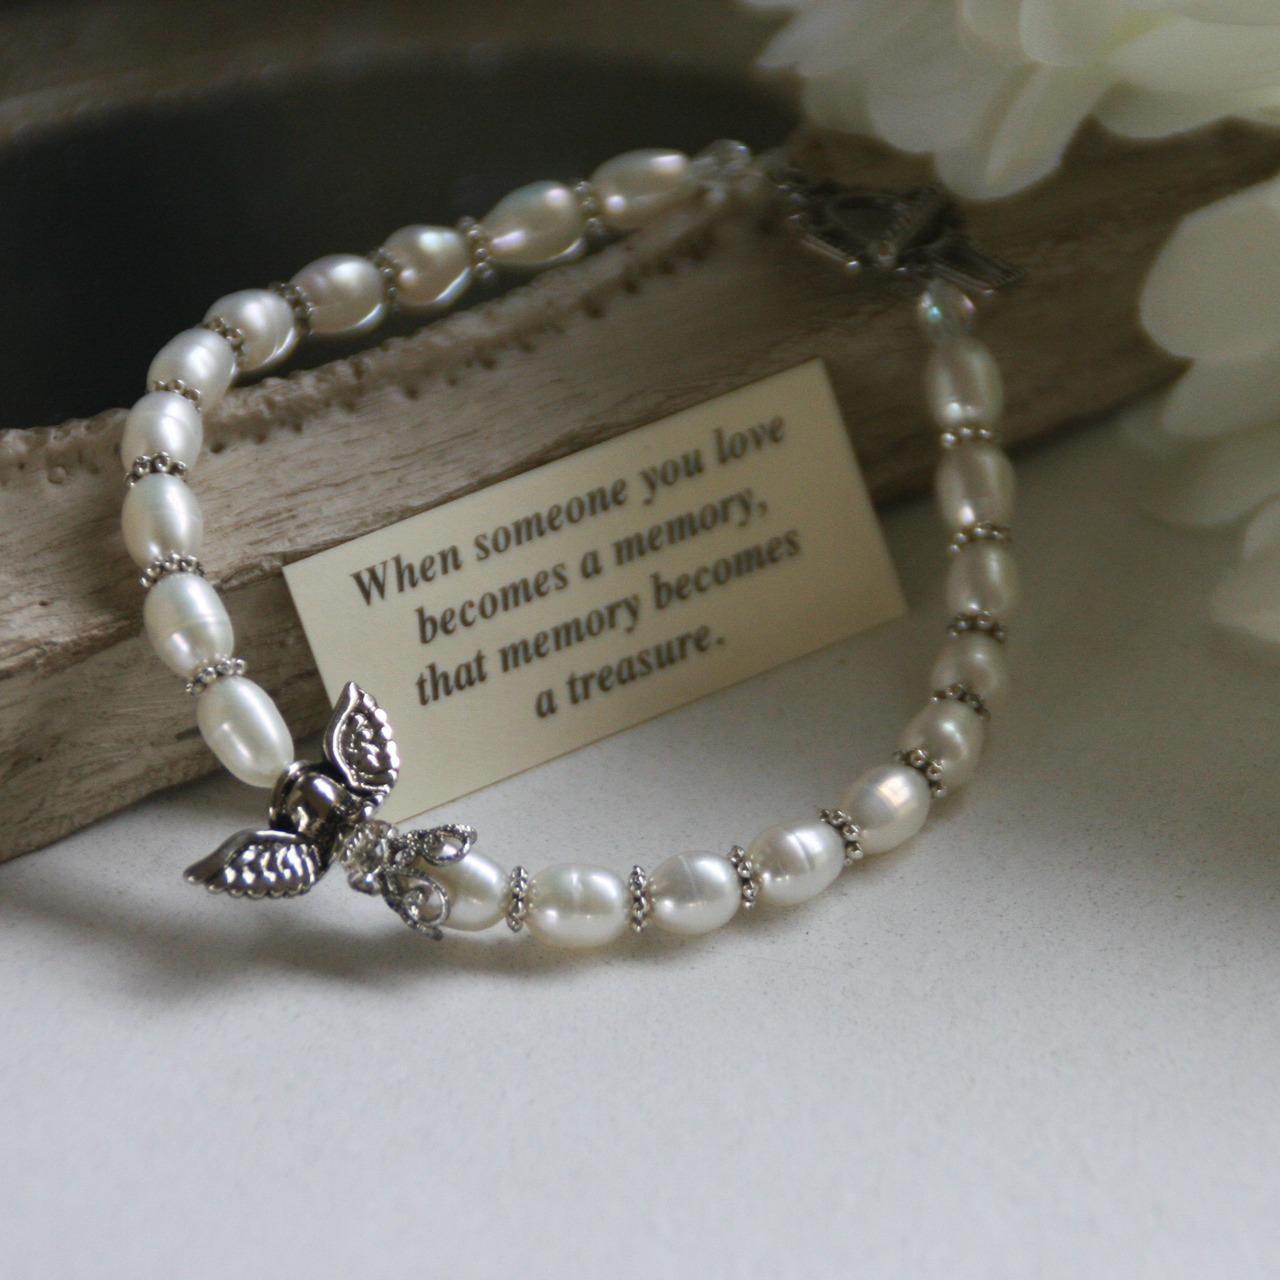 Freshwater Pearl Memorial Bracelet bracelet, bead bracelet, memorial bracelet, rememberance bracelet,pearl bracelet, jewelry, iin-227